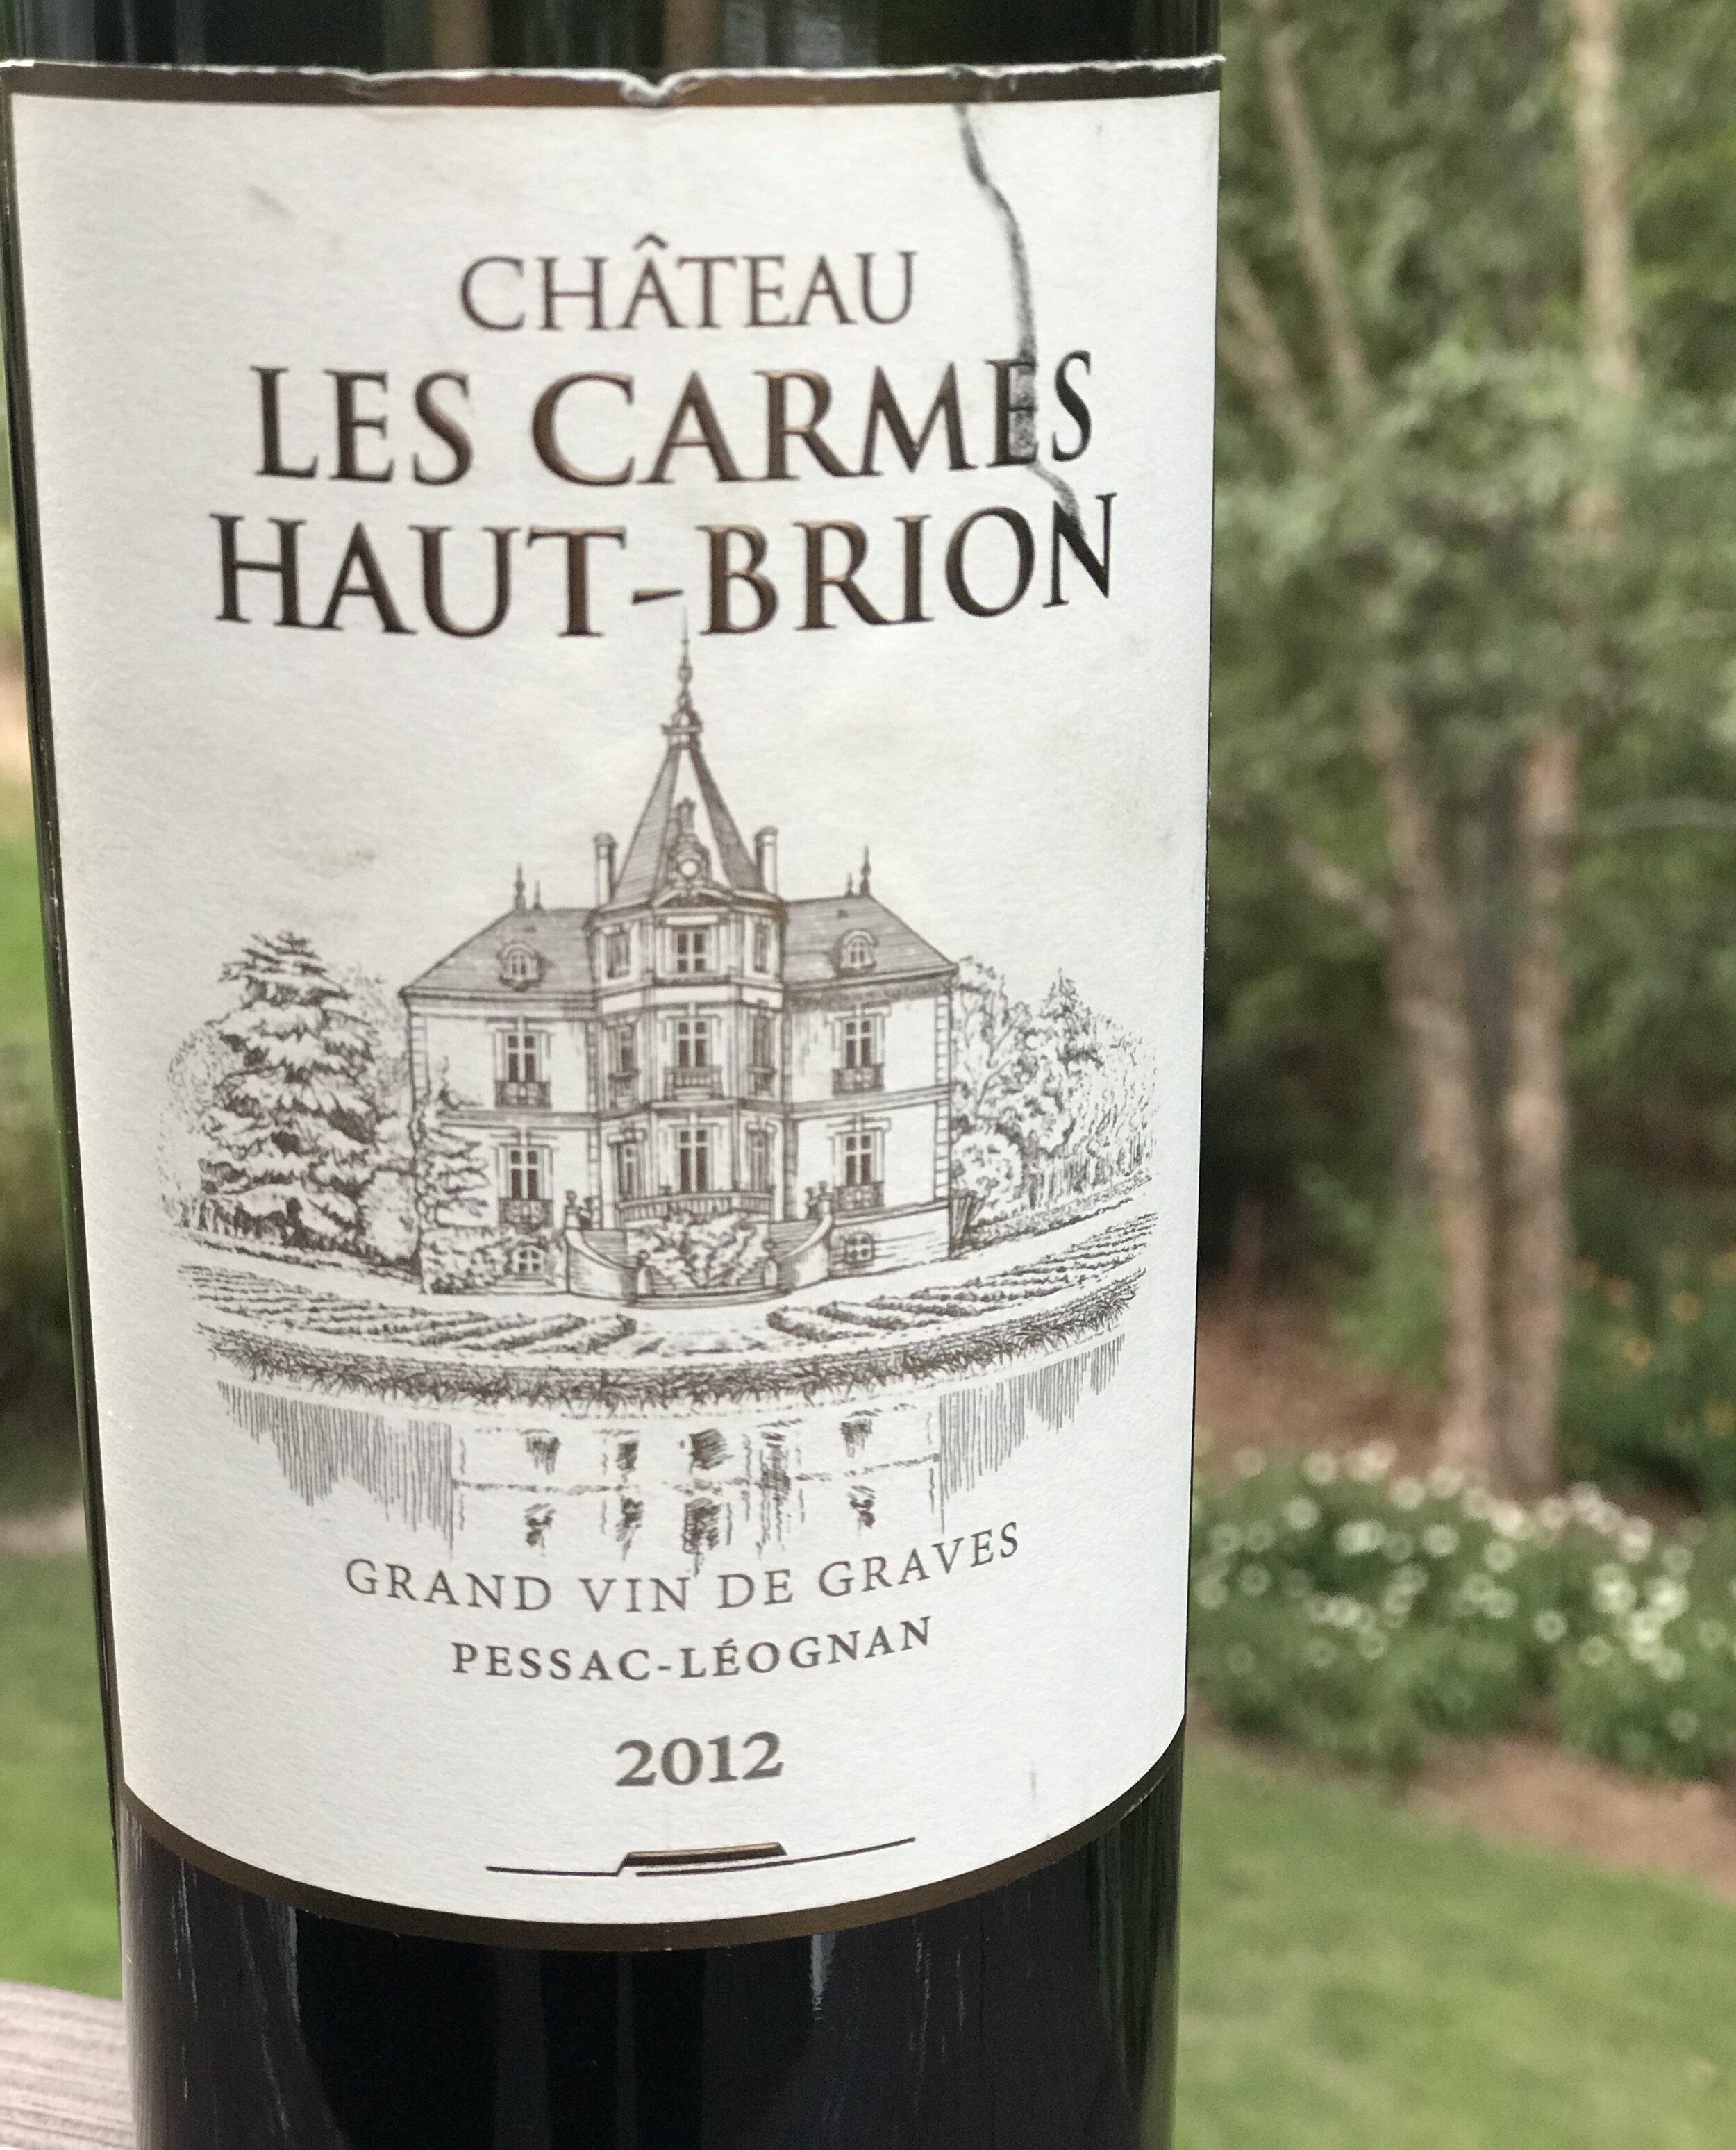 Chateau Les Carmes Haut-Brion 2012.jpeg